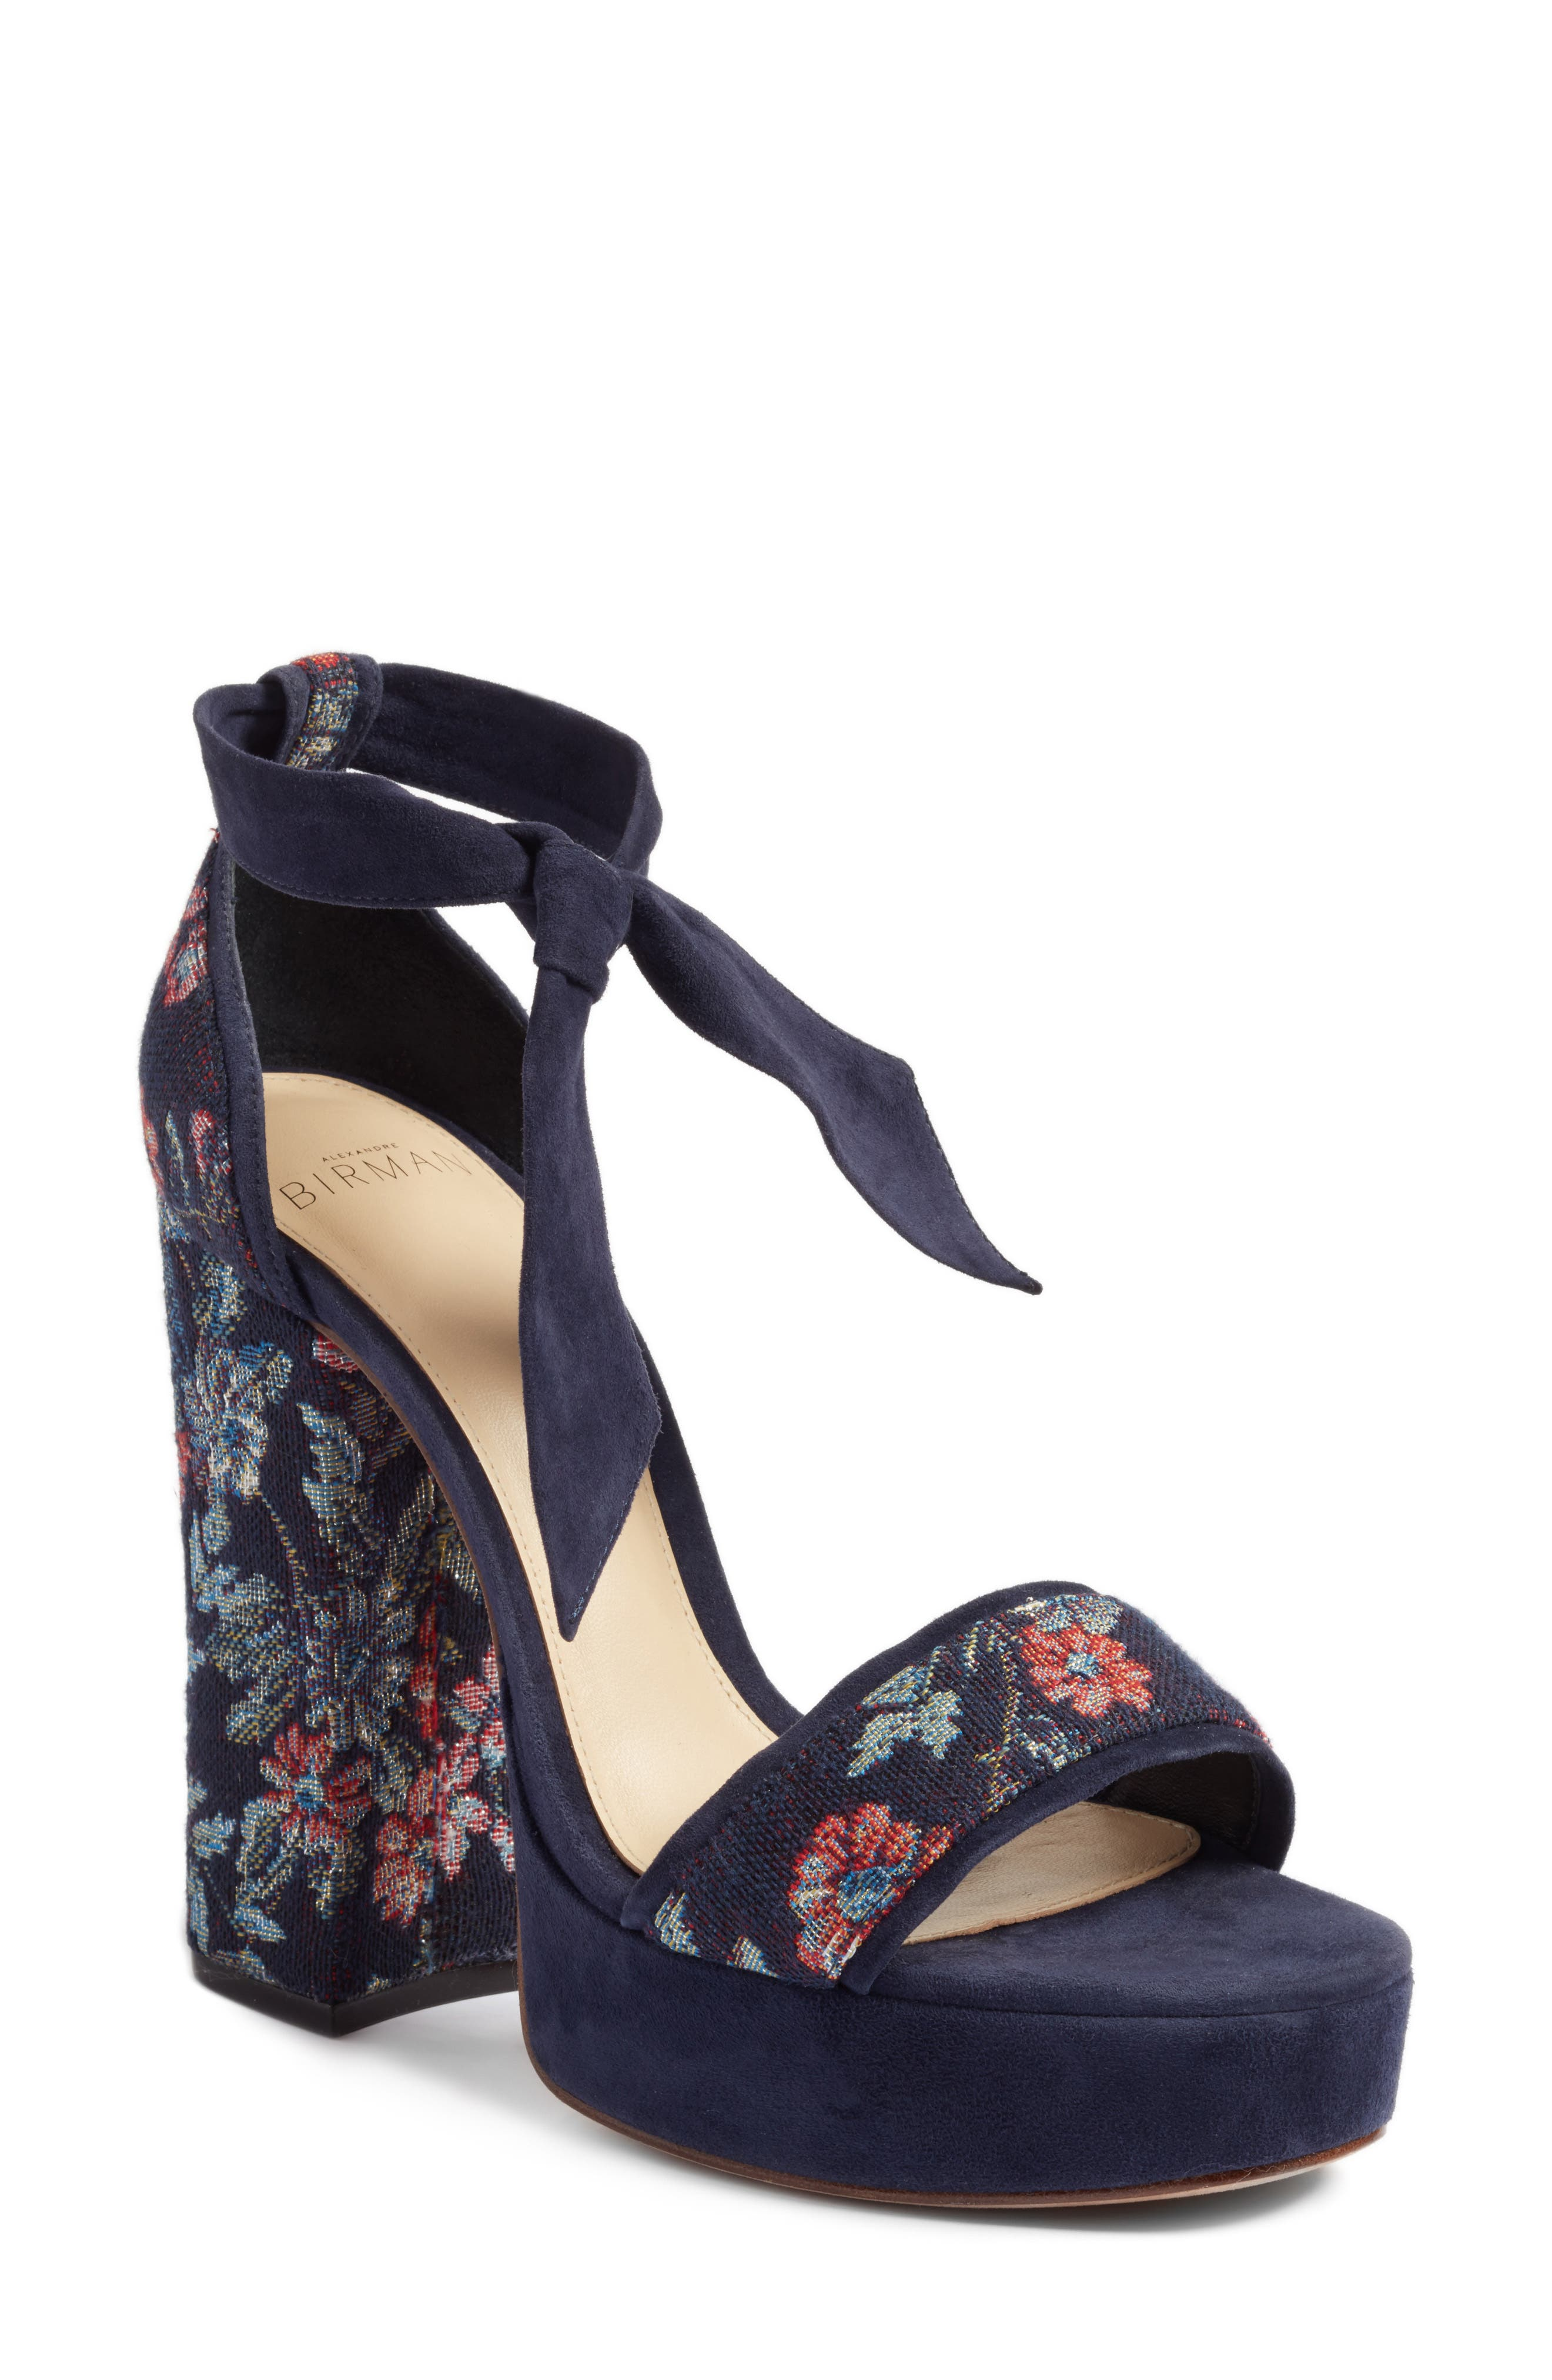 Celine Platform Sandal,                         Main,                         color,